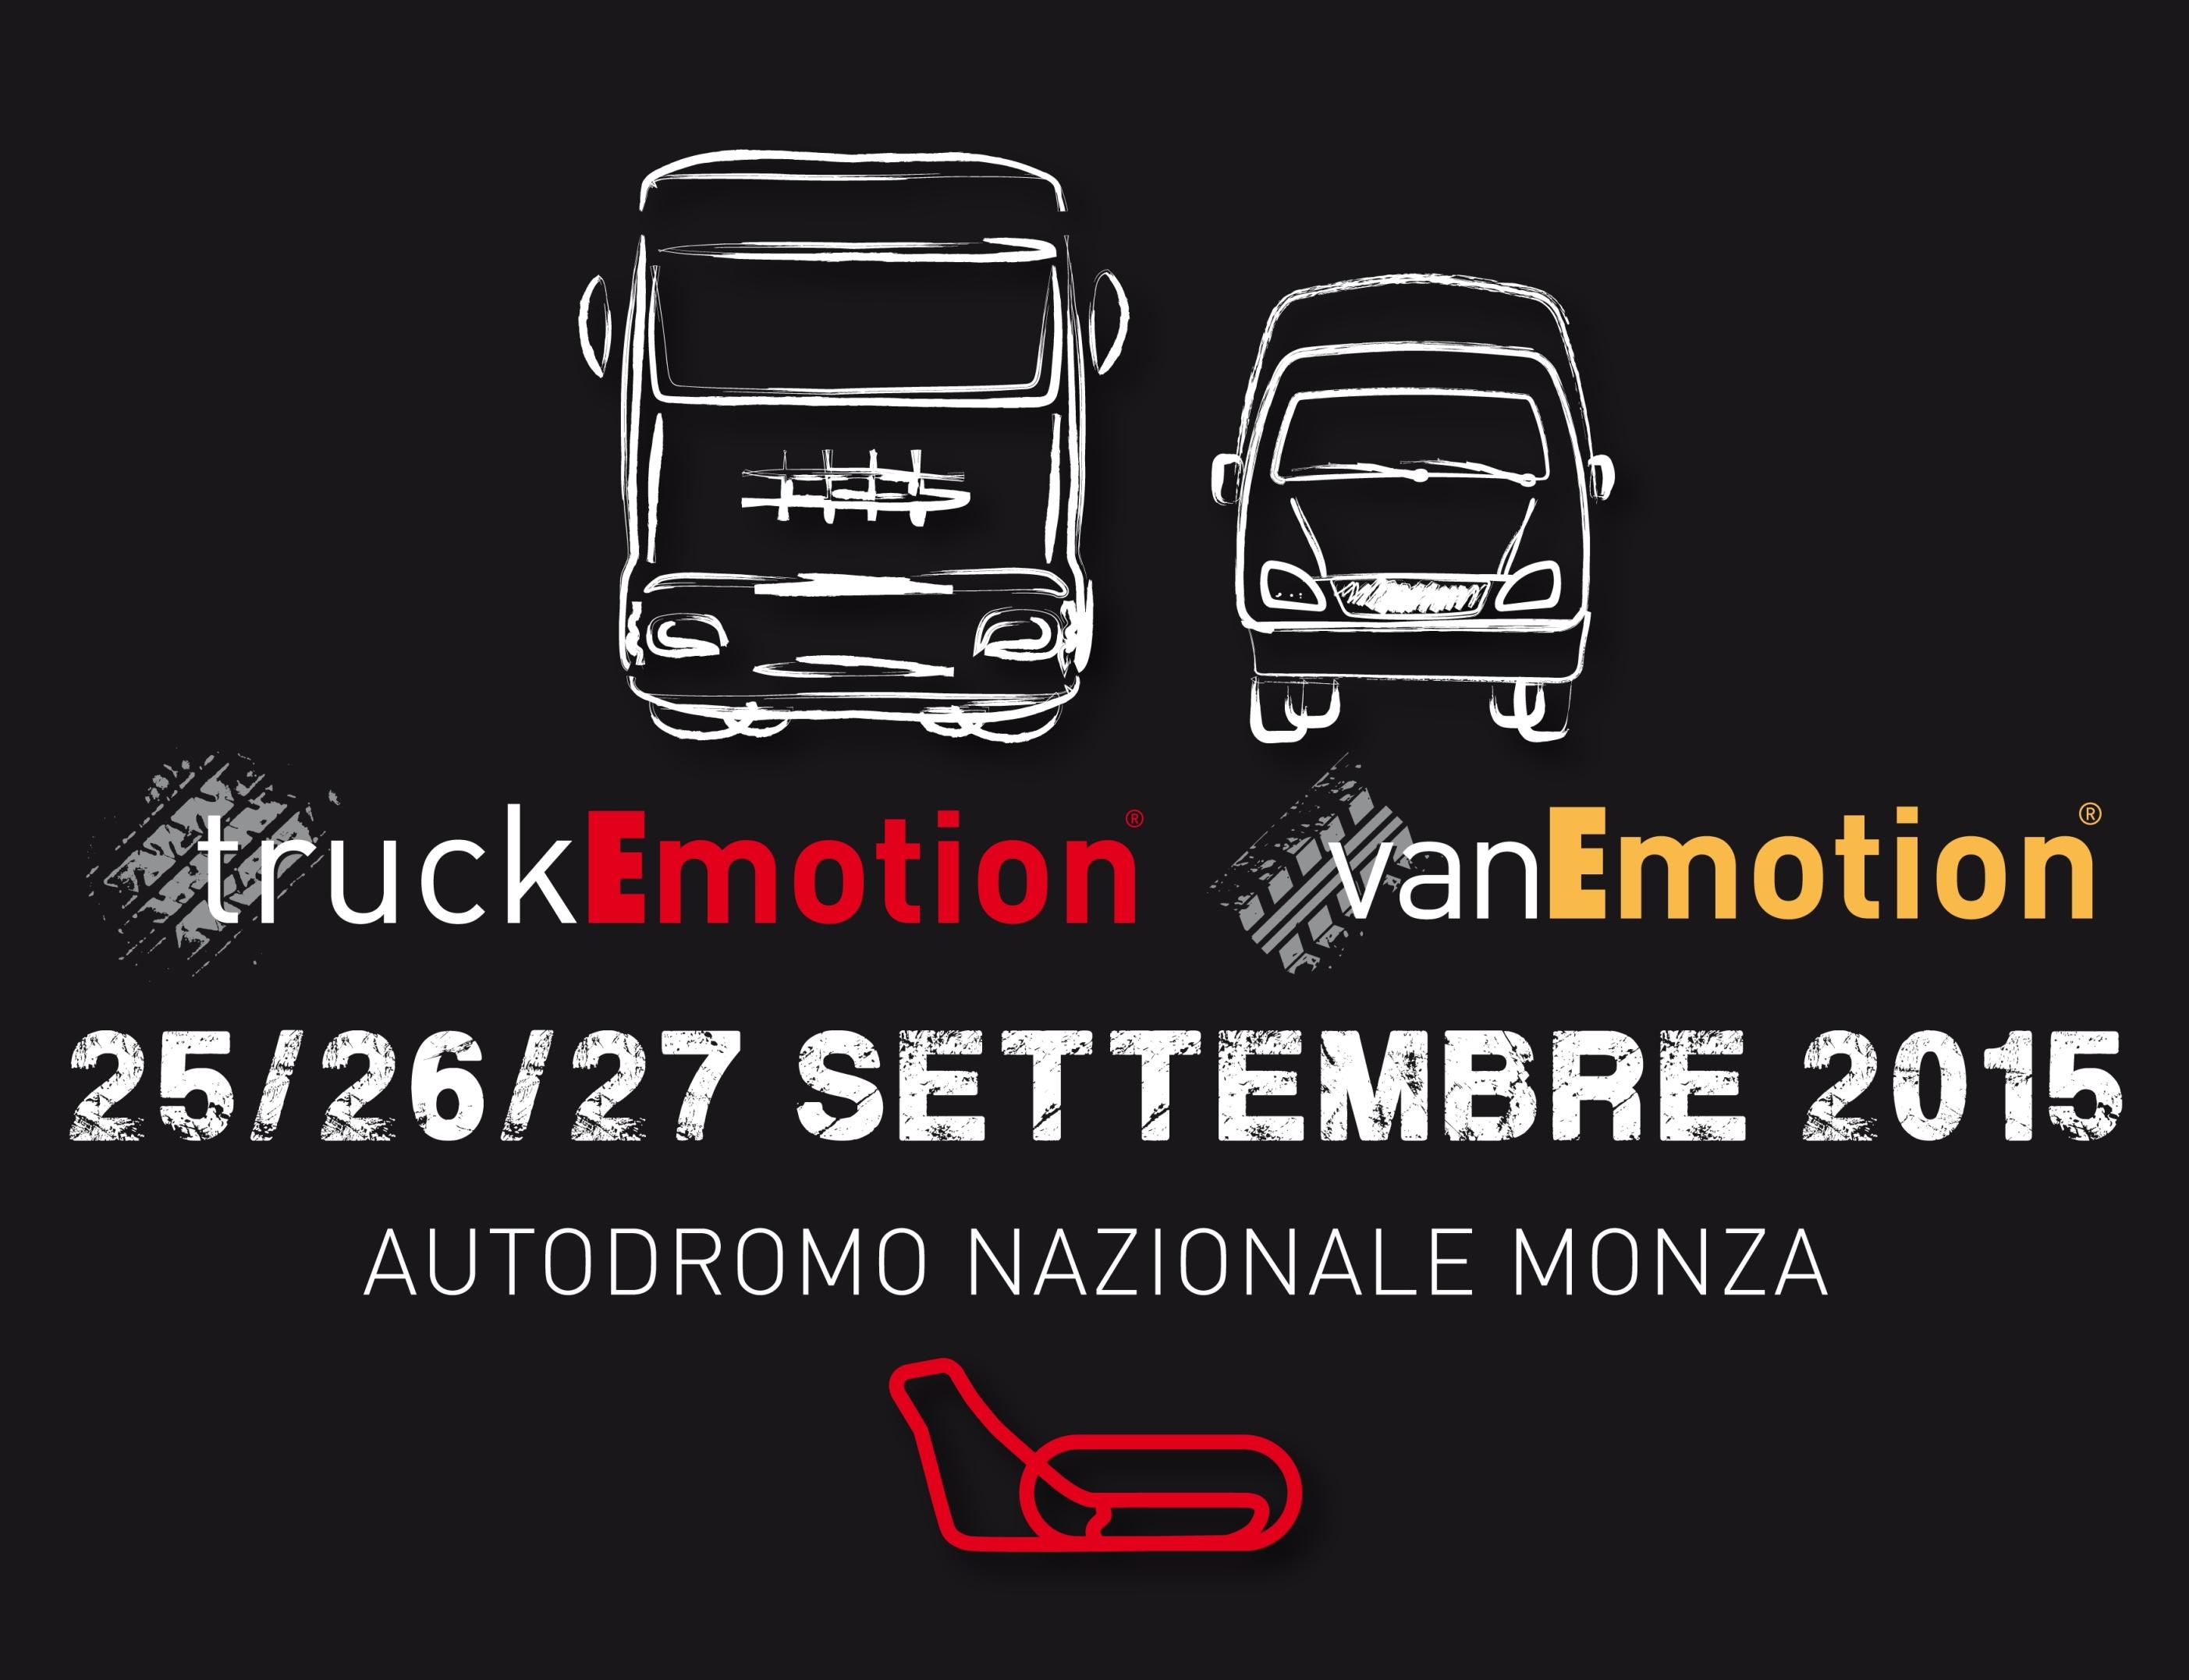 truckEmotion & vanEmotion 2015